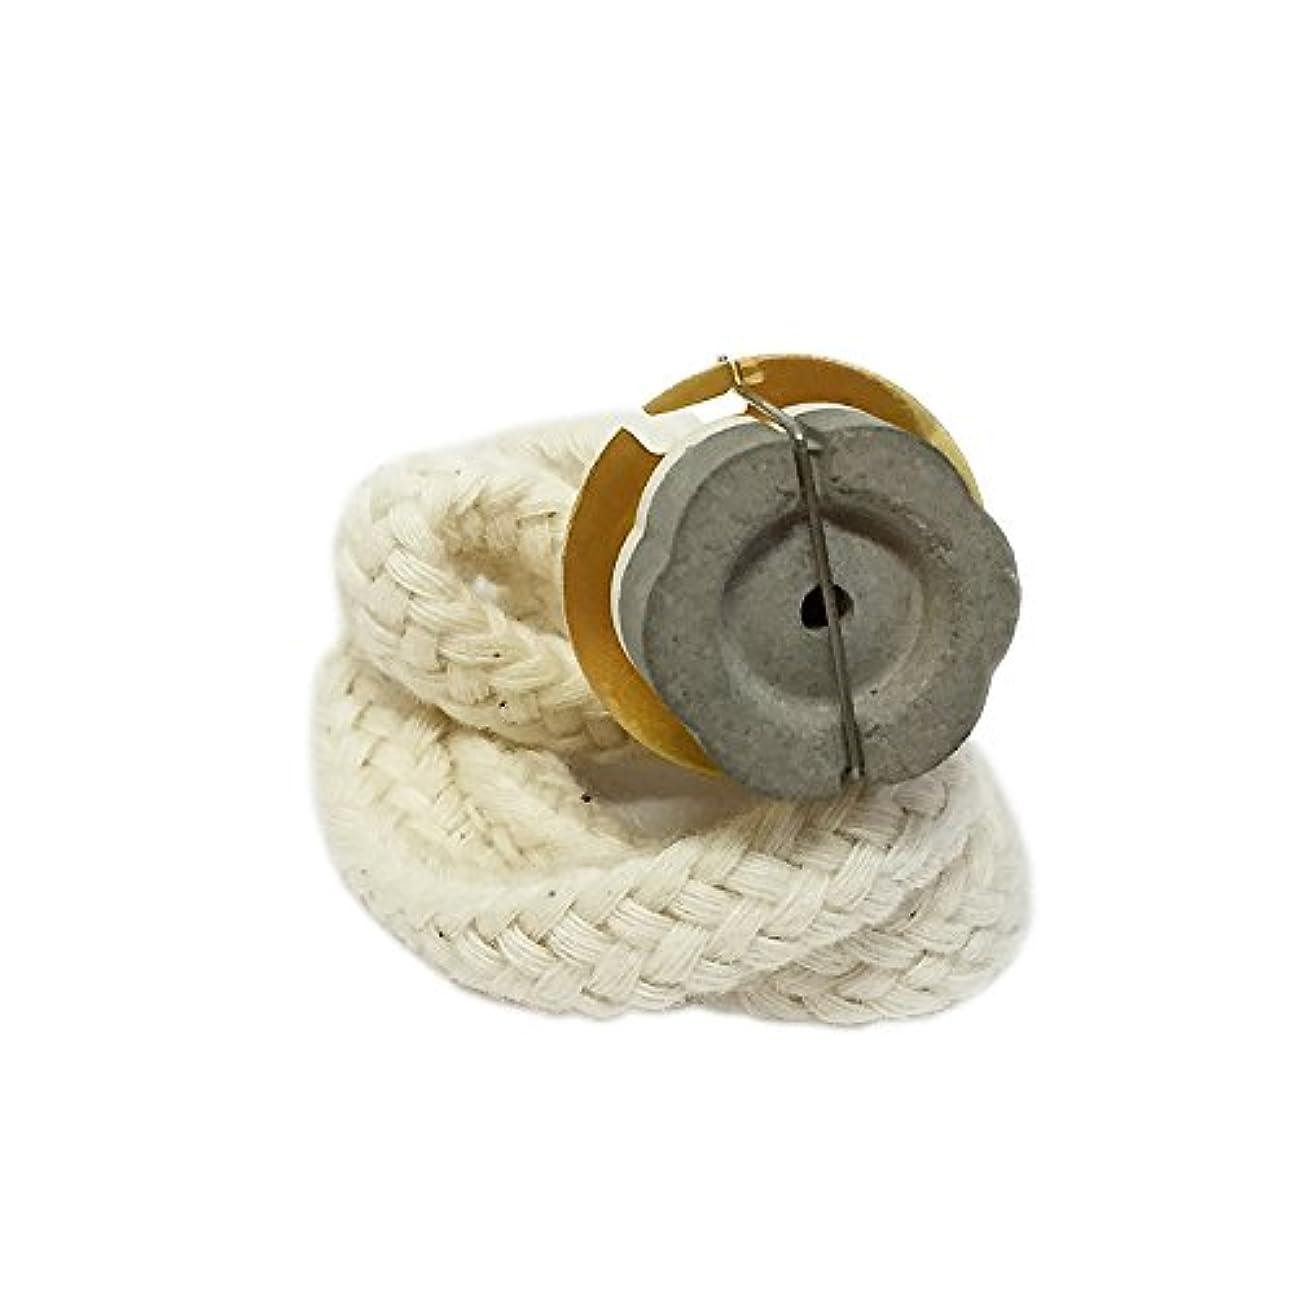 メイド徹底つまらないランプベルジェにも使えるアロマランプ交換バーナー【ゴールド】ラージランプ用 セラミック芯